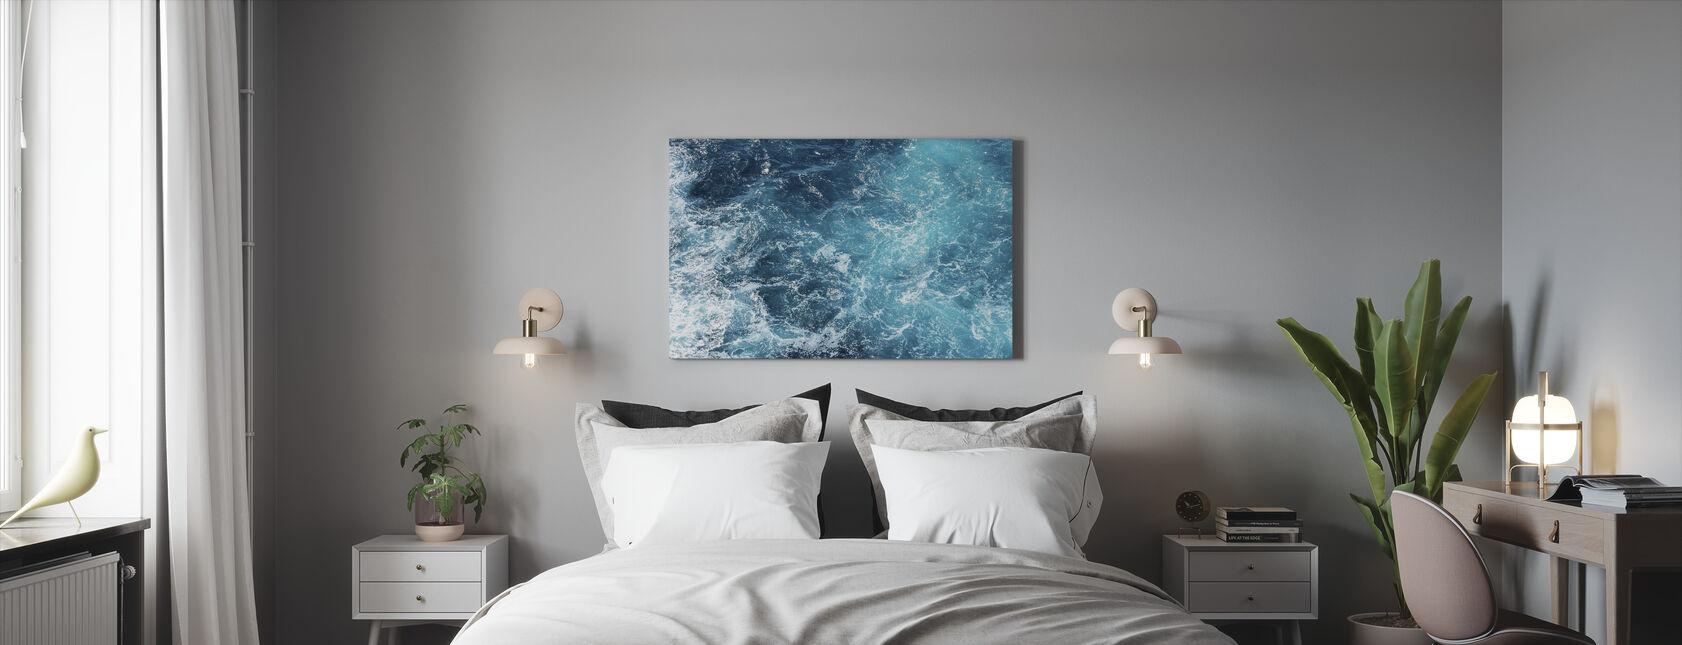 Rough Sea Waves - Canvas print - Bedroom